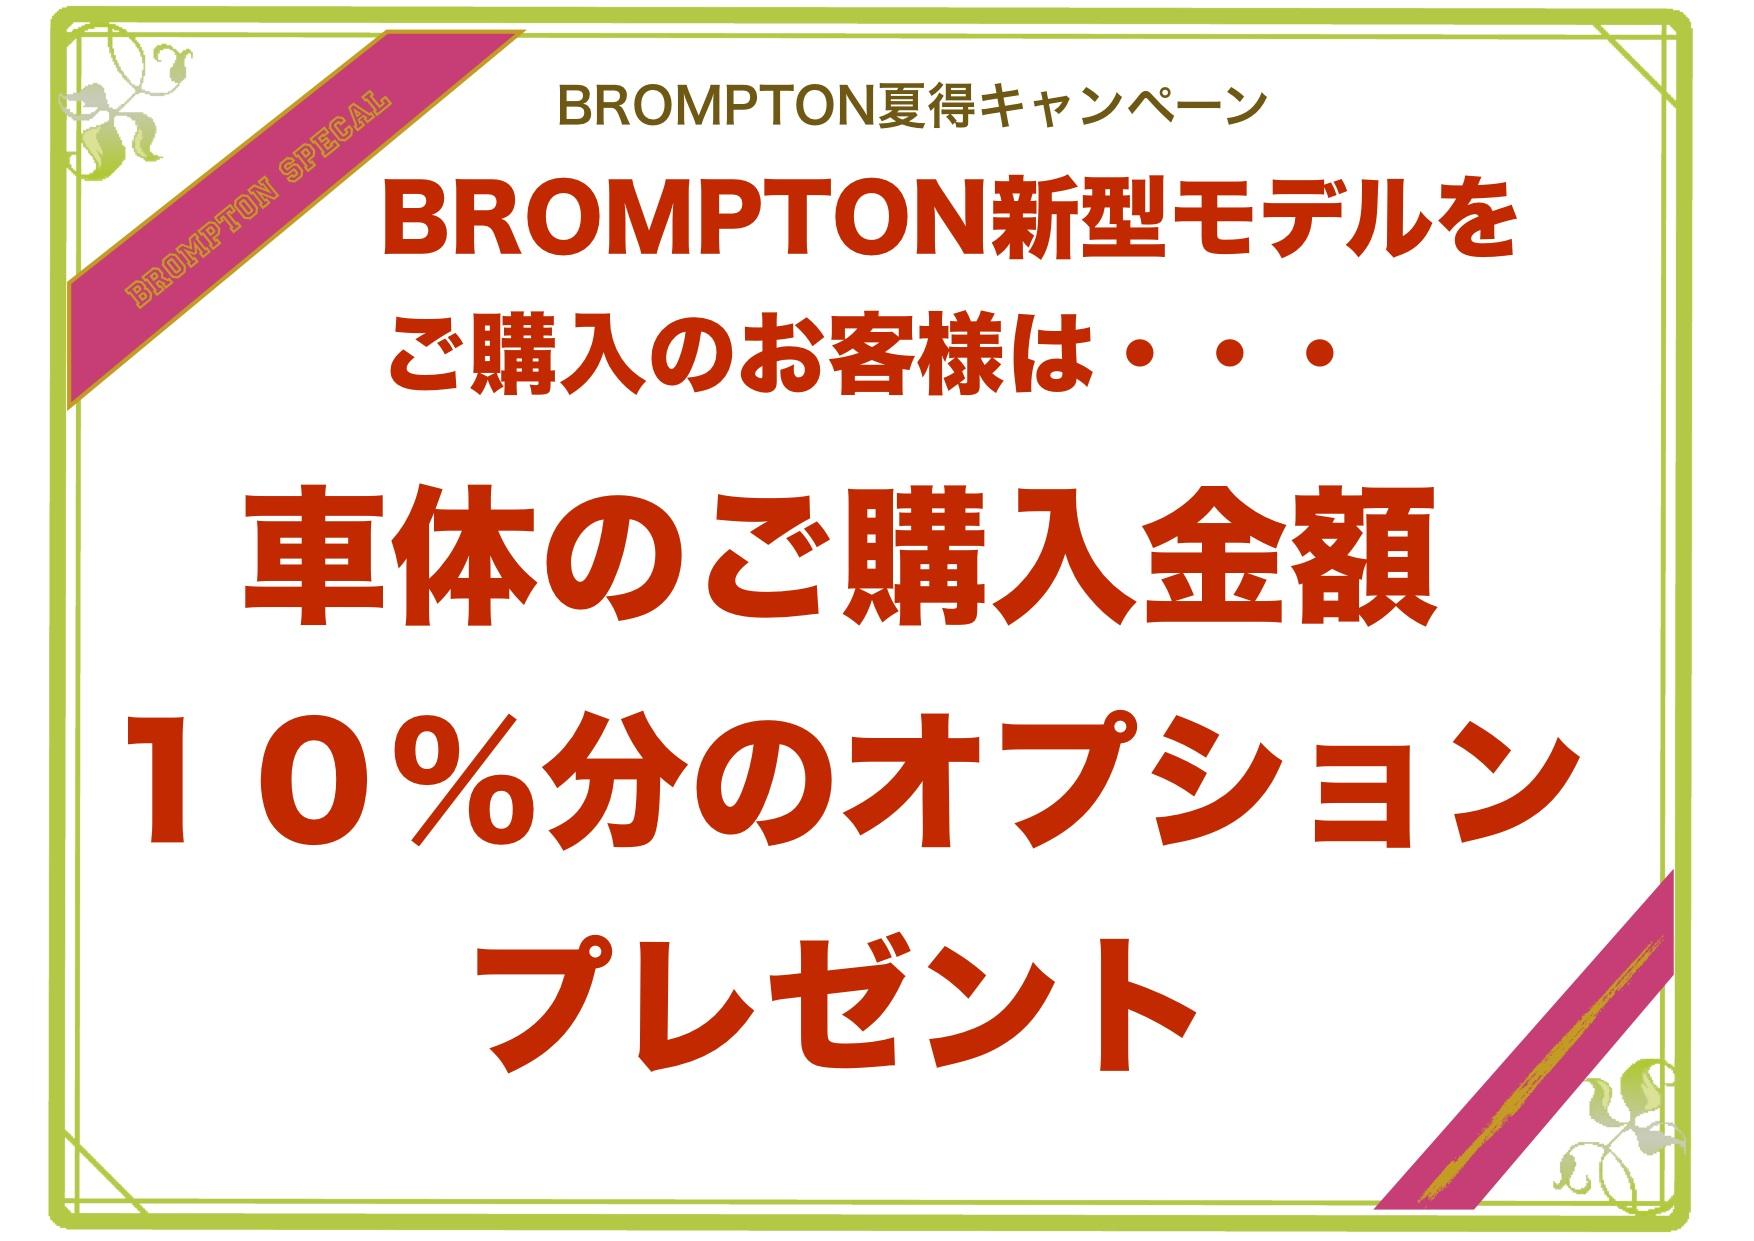 BROMPTON&BD-1夏得キャンペーン_d0197762_12283614.jpg